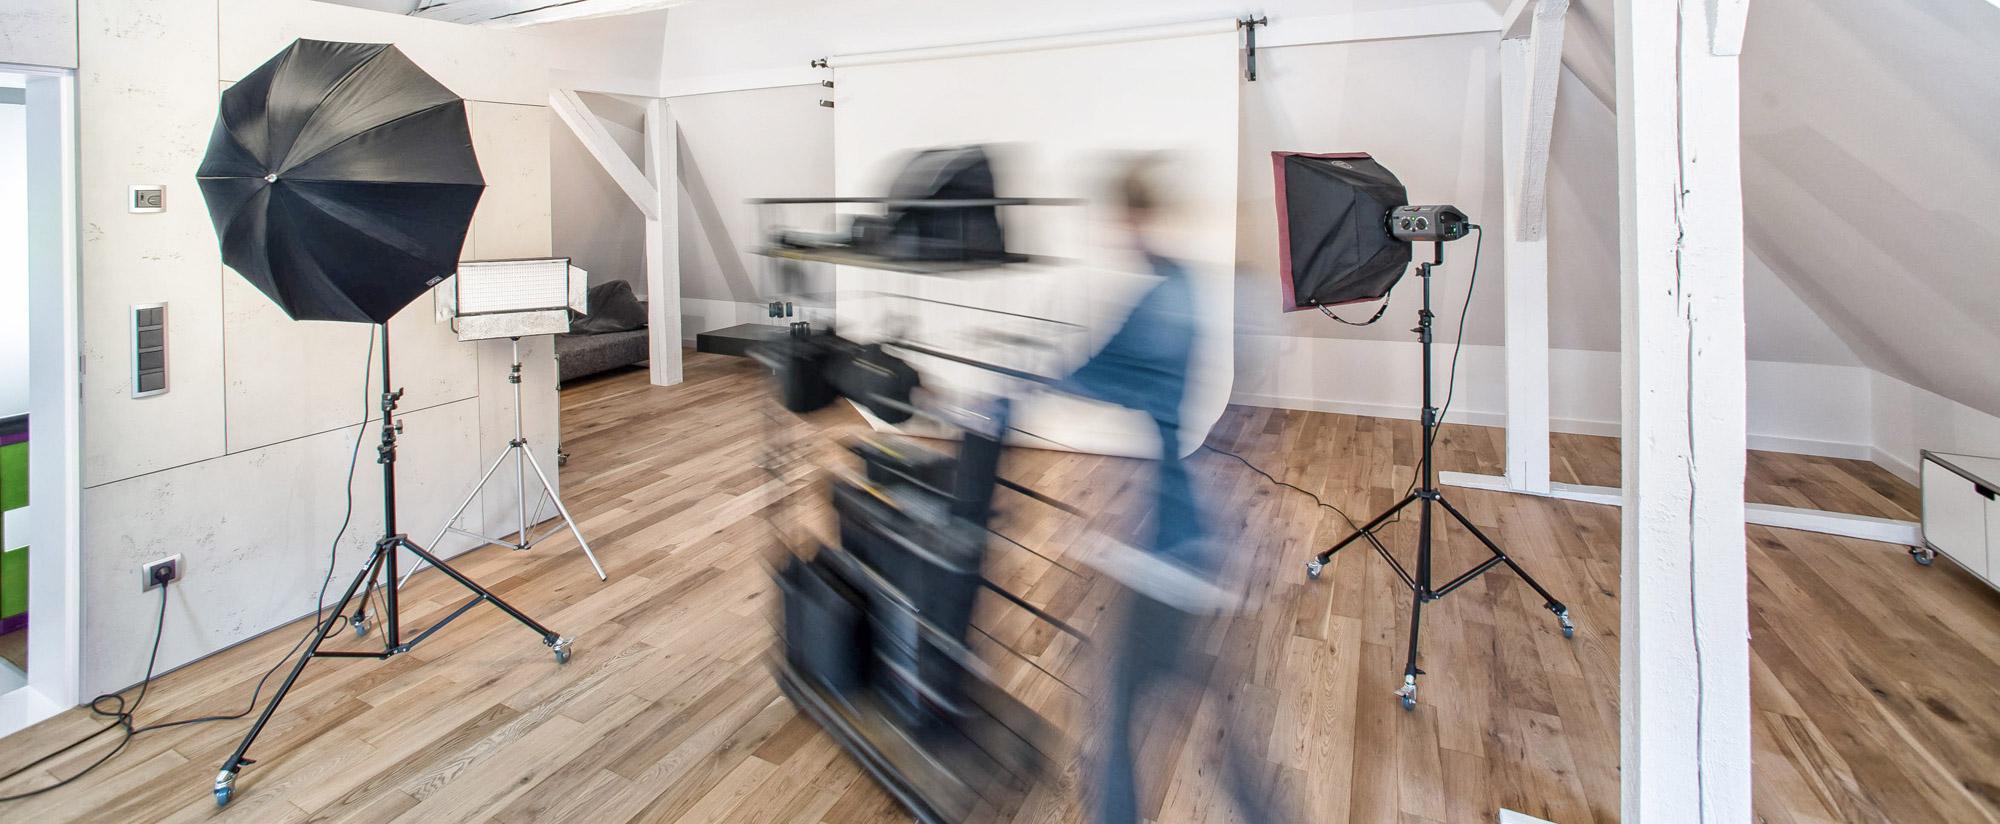 Studio-Saarbruecken-1